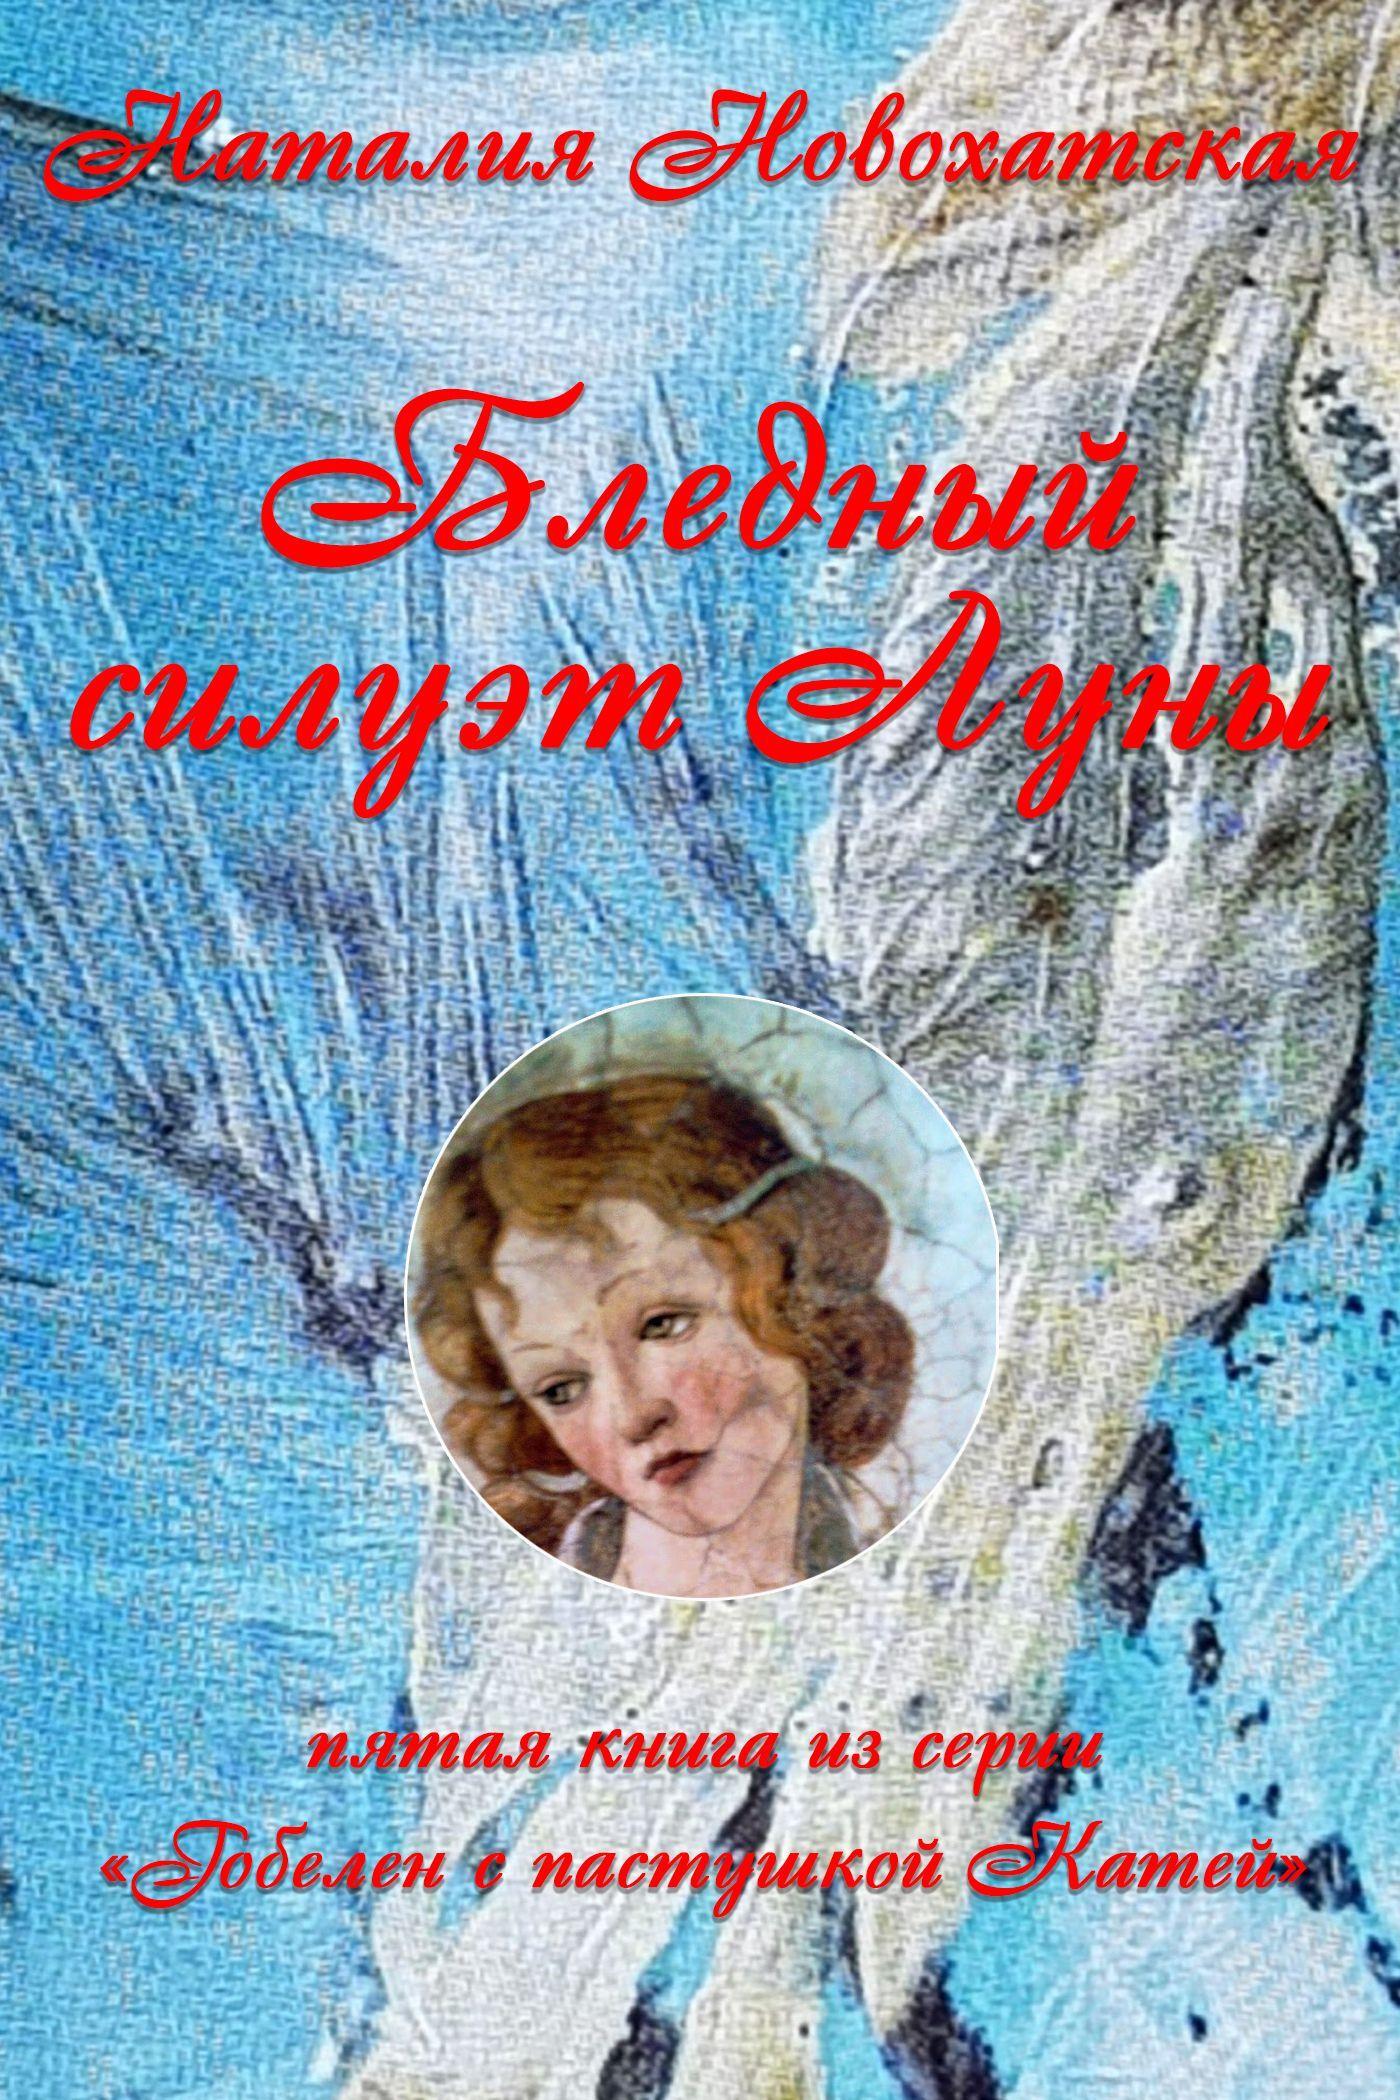 Наталия Новохатская - Гобелен с пастушкой Катей. Книга 5. Бледный силуэт Луны